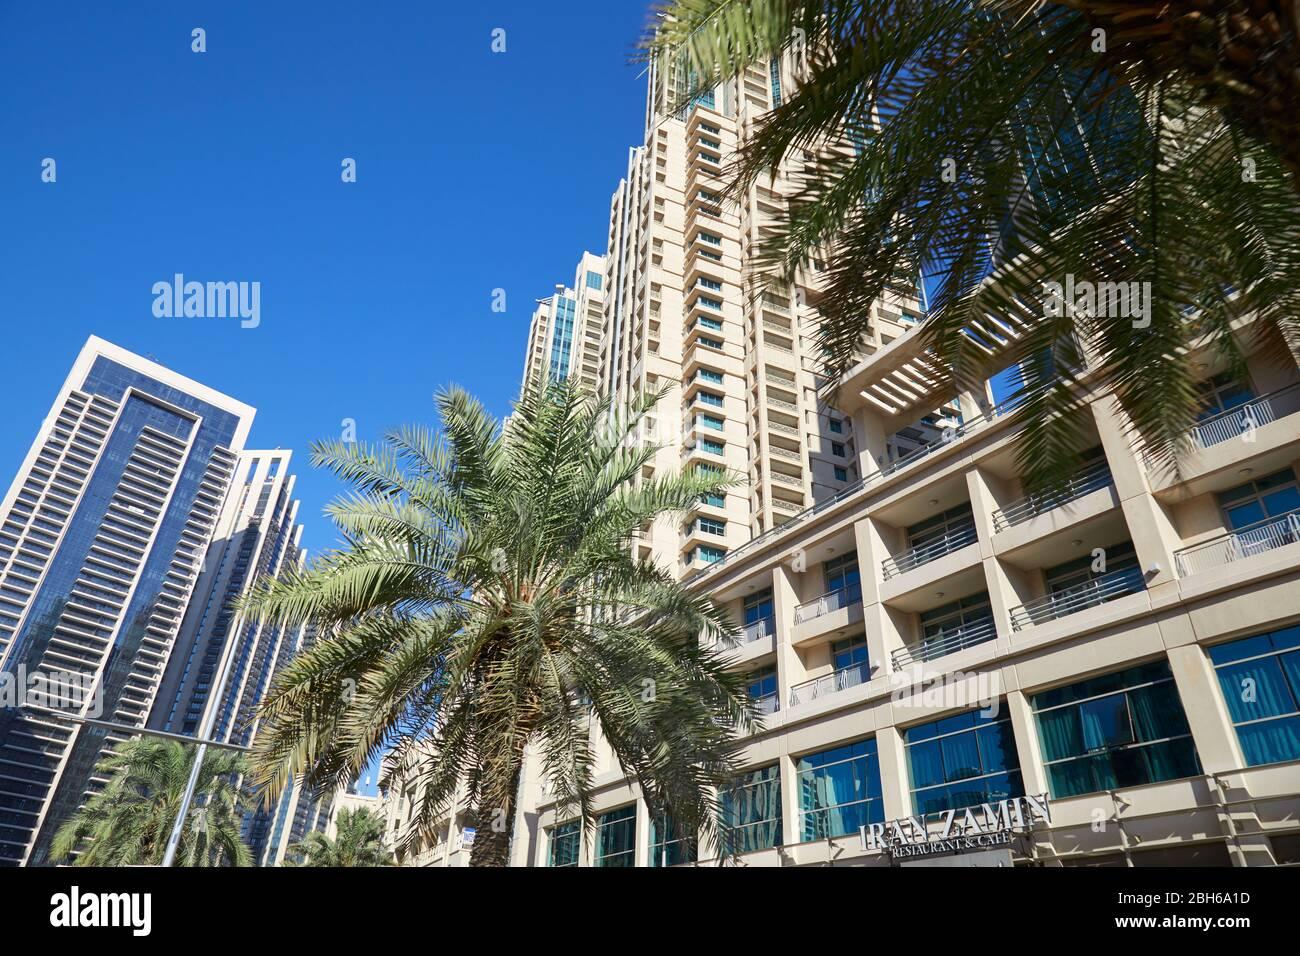 DUBAÏ, EMIRATS ARABES UNIS - 22 NOVEMBRE 2019: Gratte-ciel modernes dans le centre de Dubaï avec palmiers, vue à angle bas dans une journée ensoleillée Banque D'Images